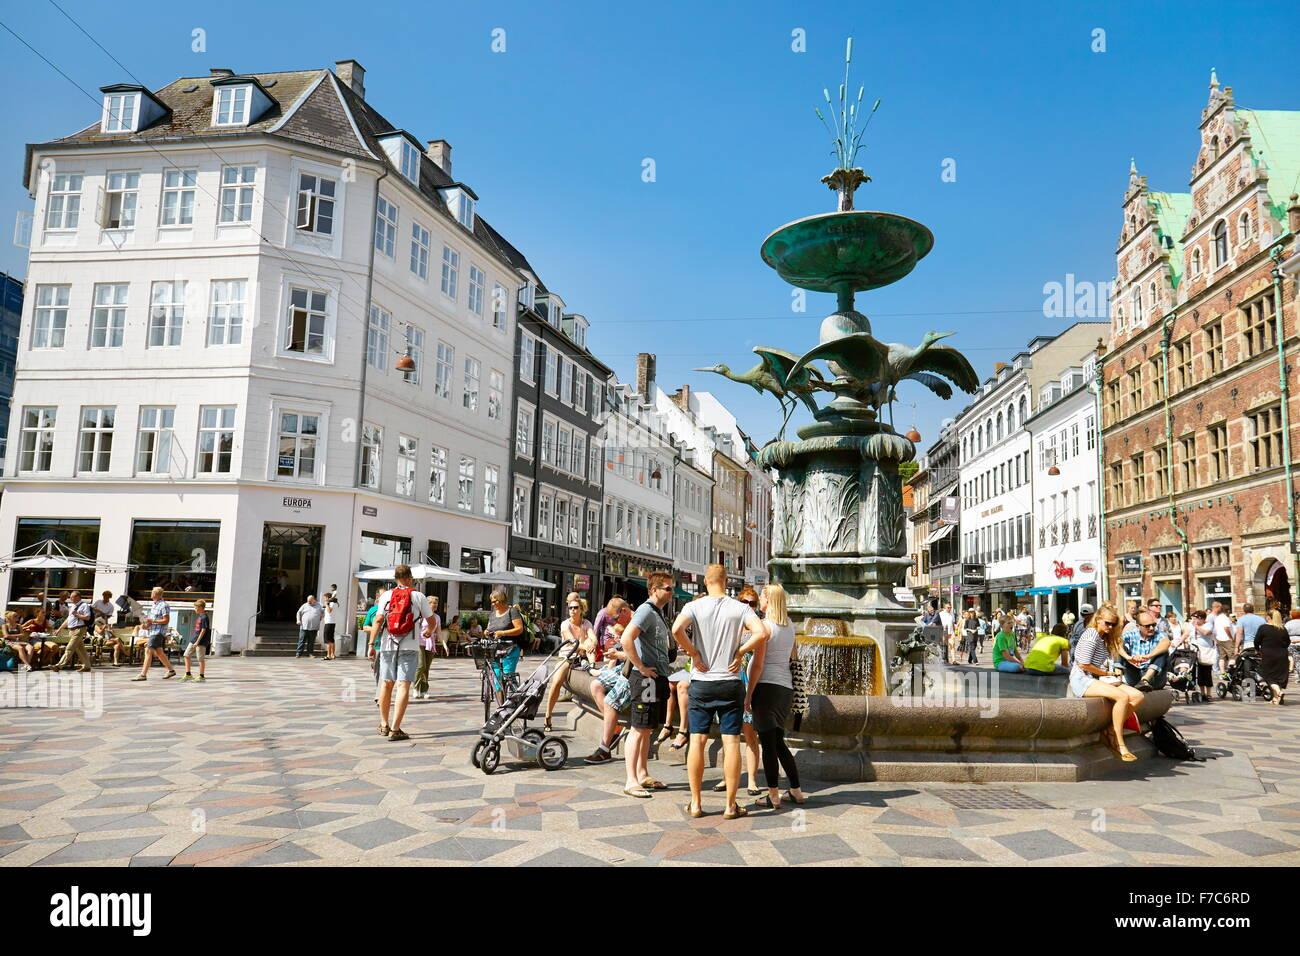 Torv Square, Stroget, Copenhagen city, Denmark - Stock Image